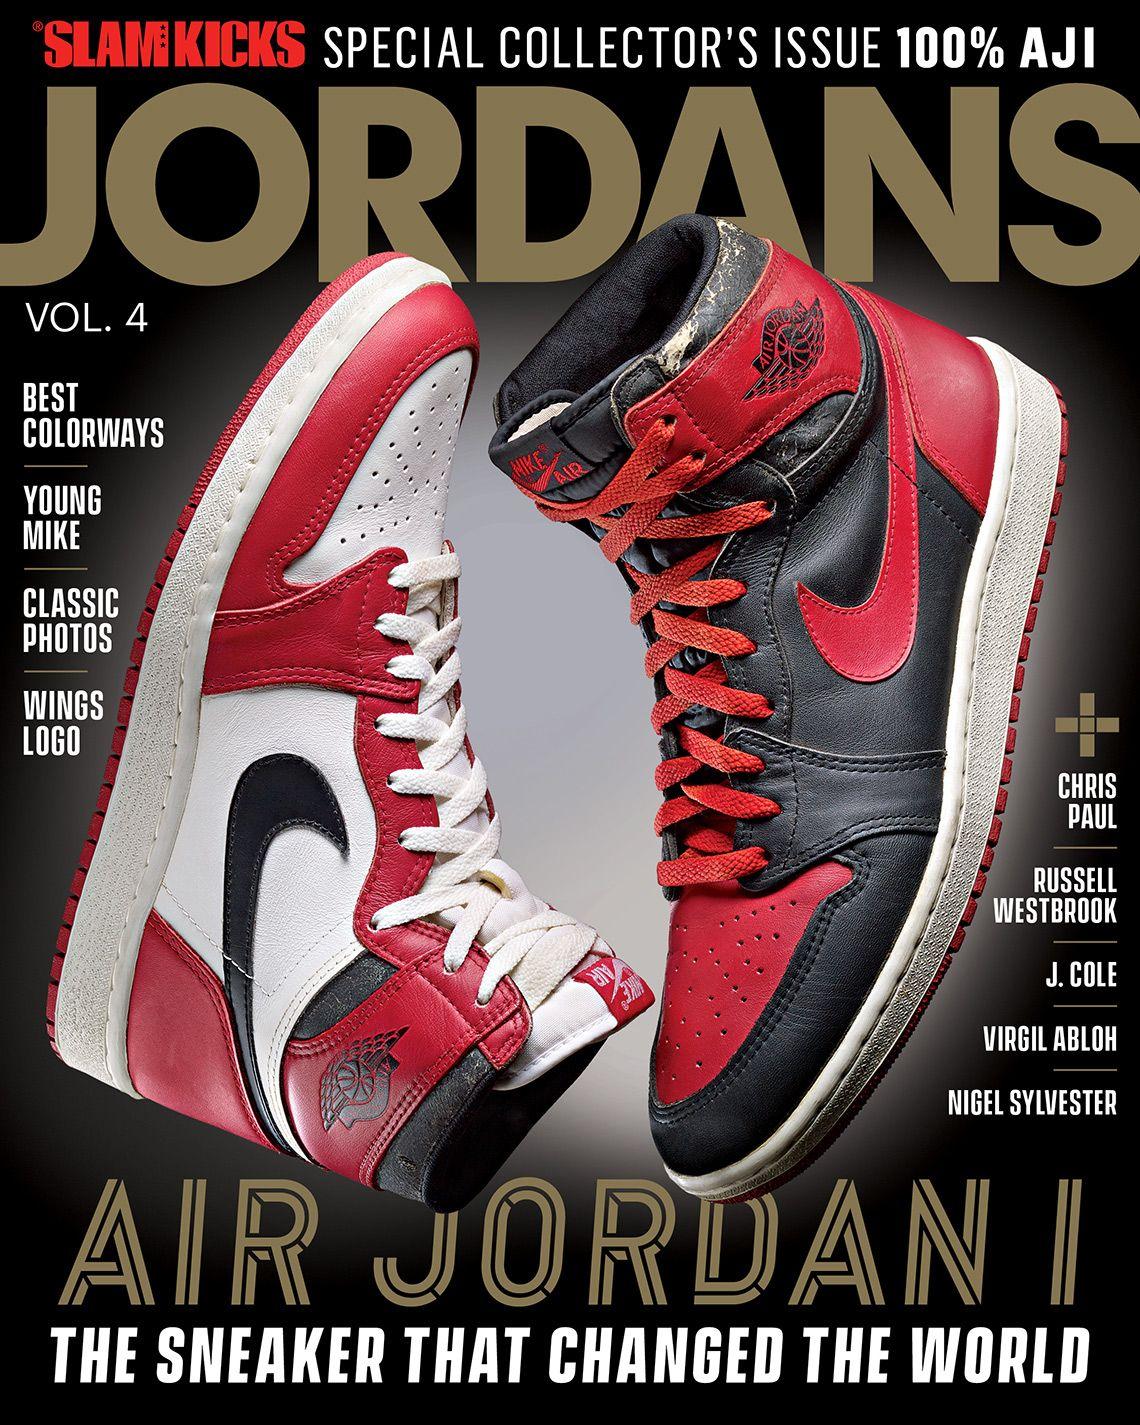 Slam Presents Jordan Vol 4 Dedicated To The Air Jordan 1 With